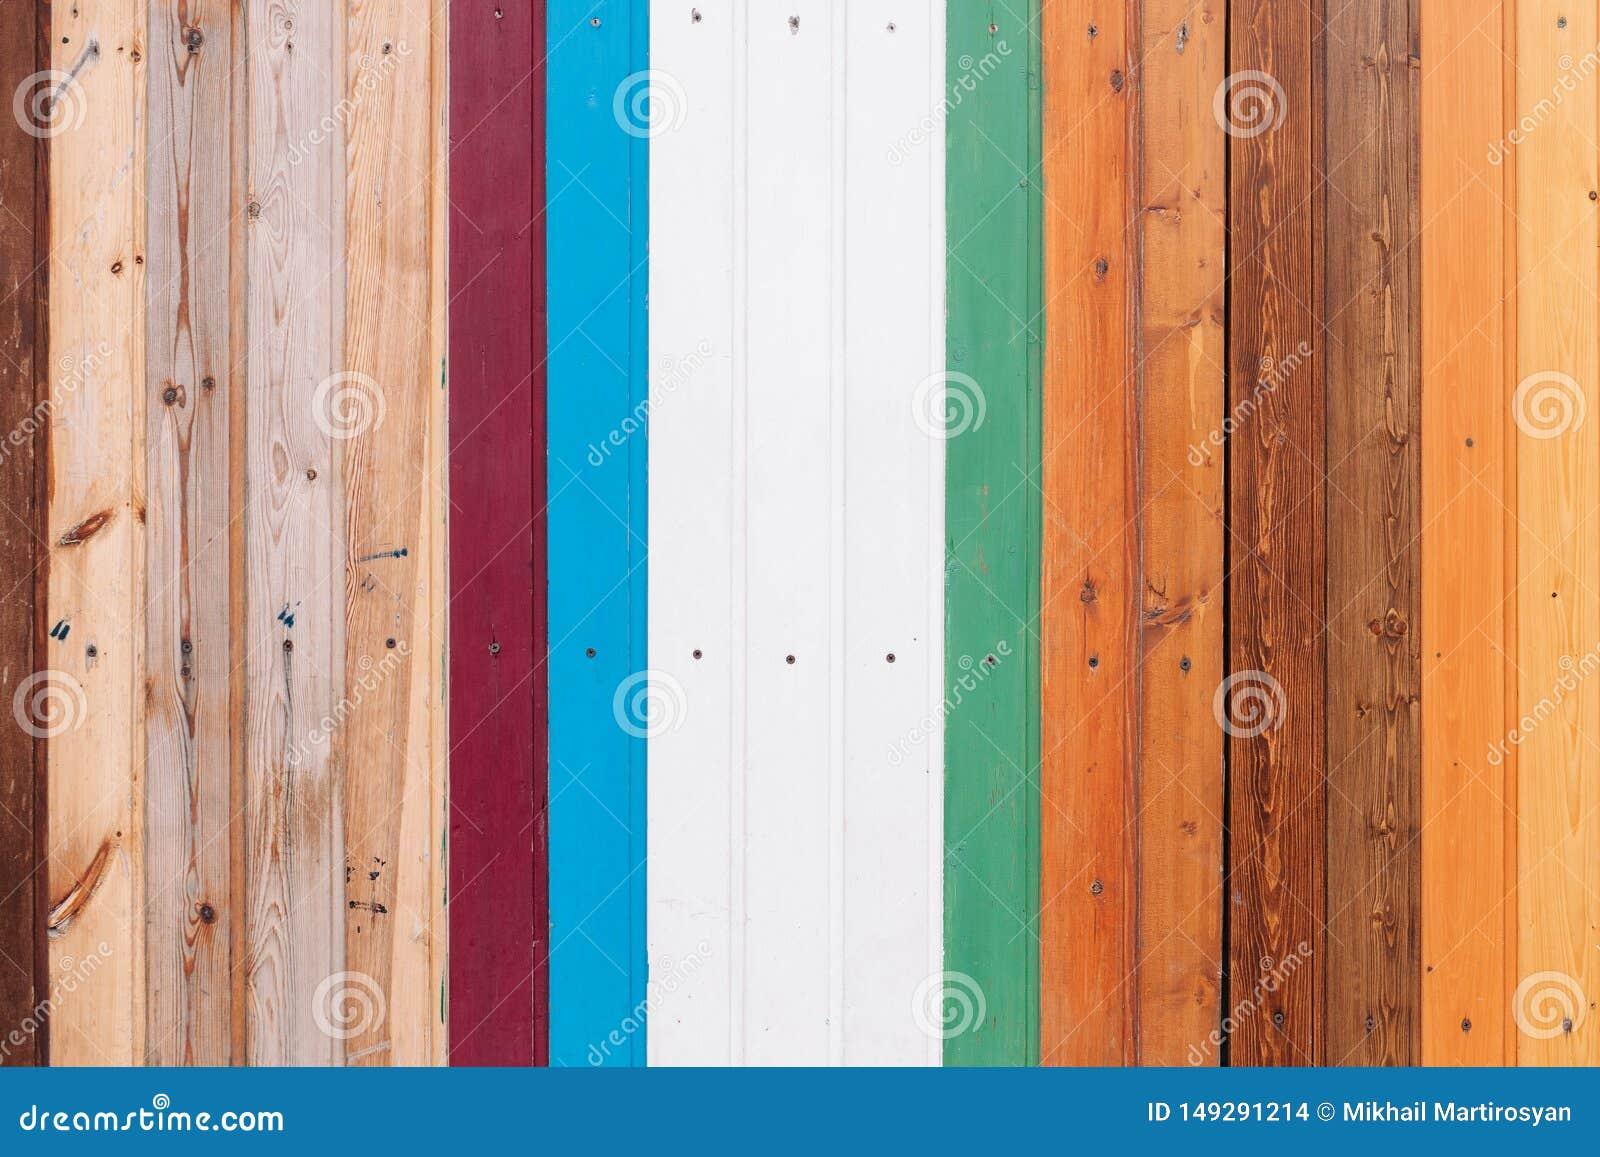 Placa de madeira colorida com fundo da textura dos parafusos